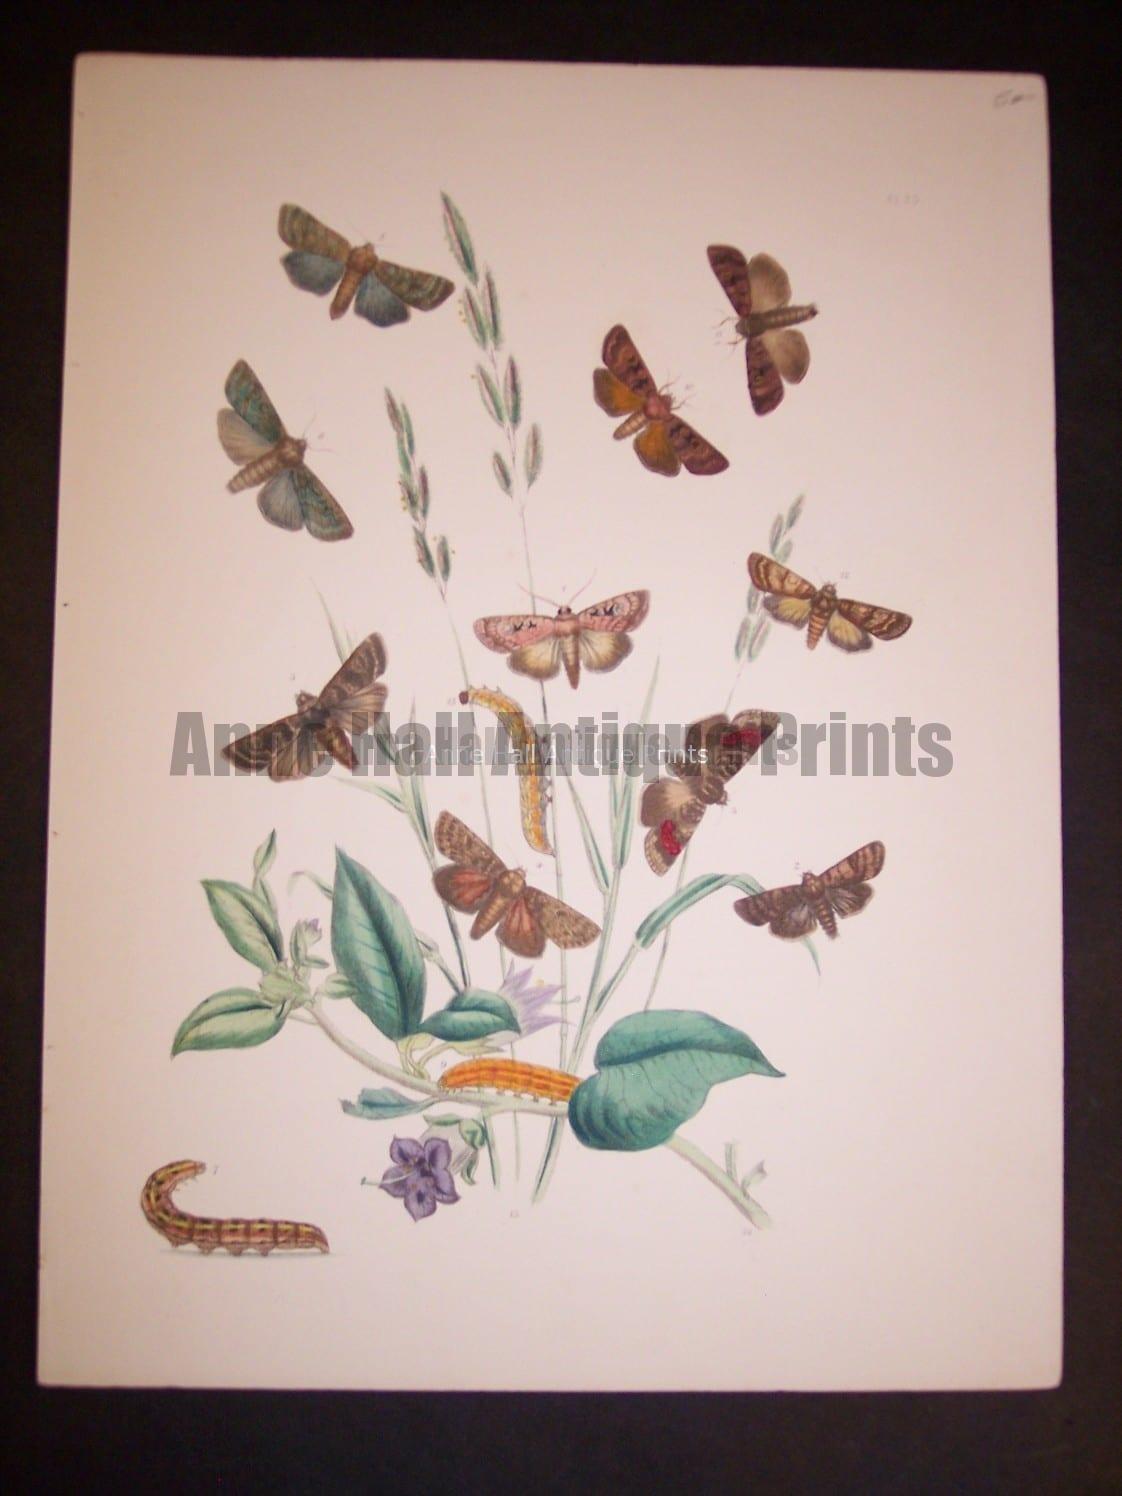 Humphrey Butterflies and Moths PL 25, 1865. $50.